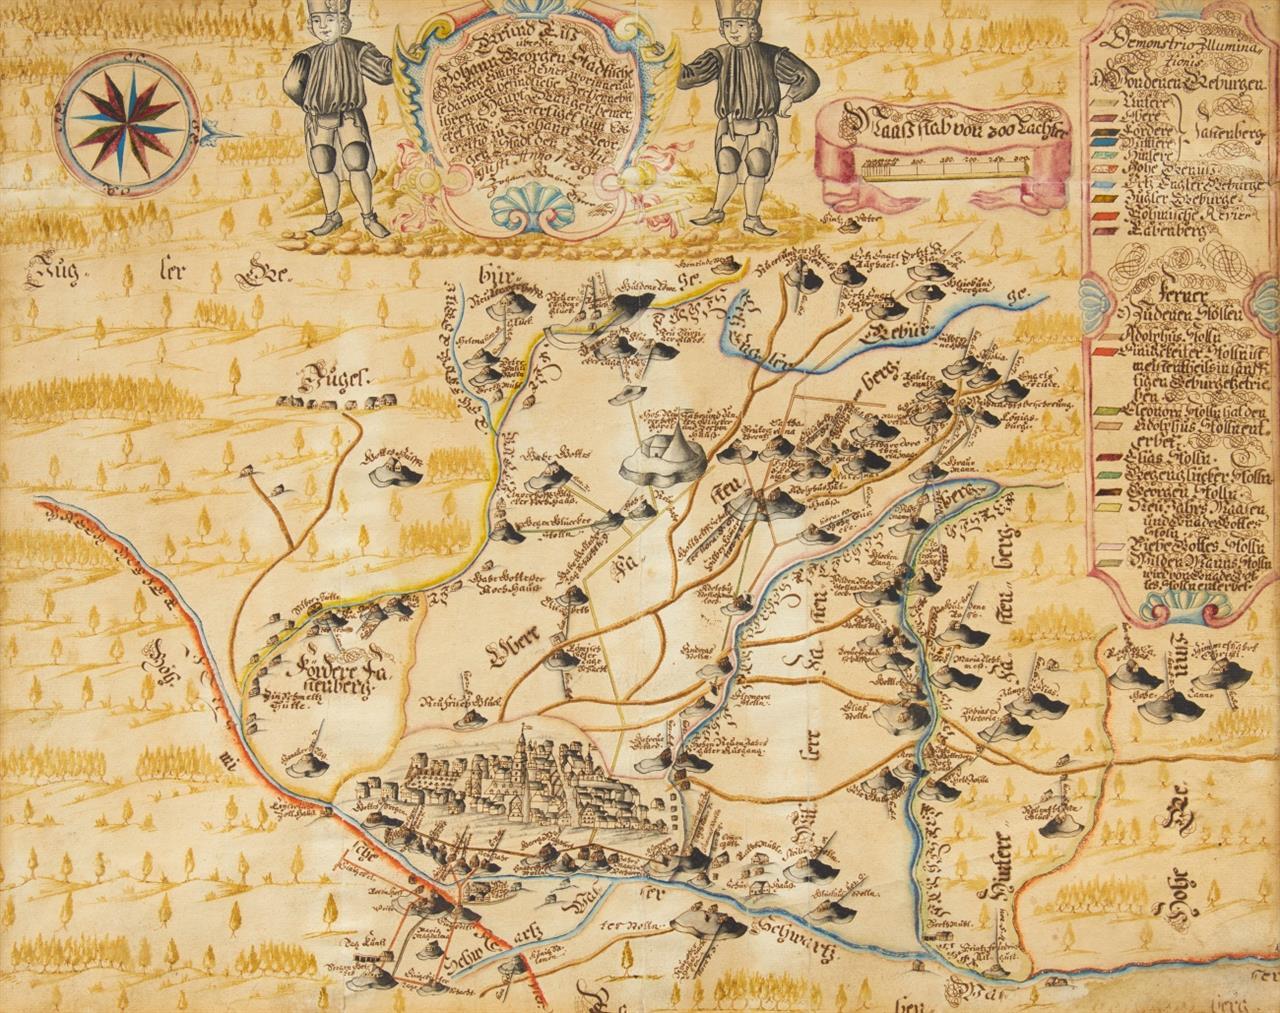 Bergbau. - Erzgebirge. Johanngeorgenstadt. Aquarellierte Zeichnung von J. Gabriel. 1739.